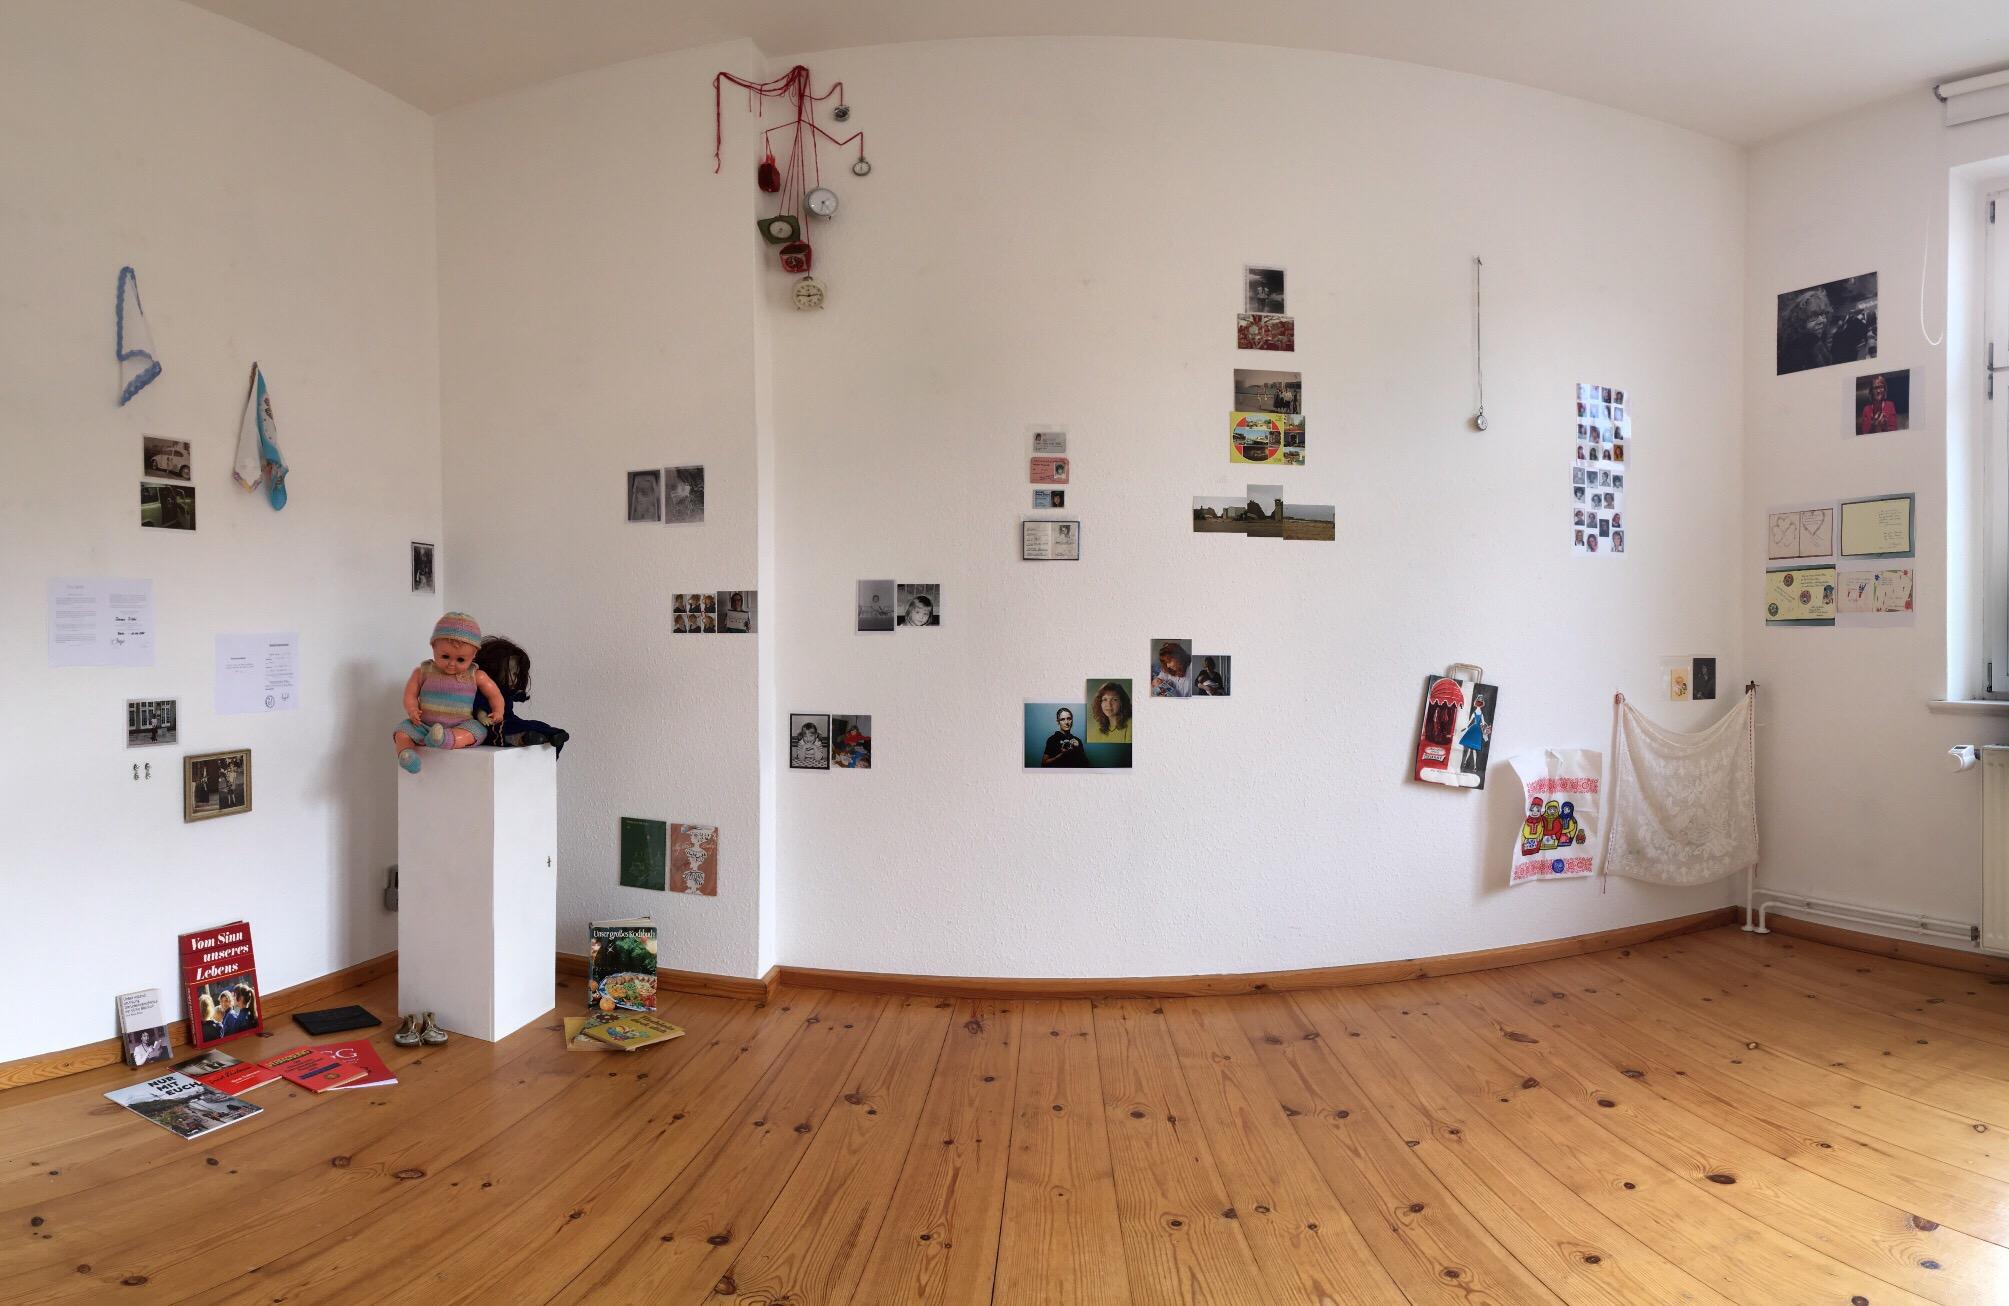 Künstlerischer Umgang mit Erinnerungen - Installation von Doreen Trittel und Susanne Haun (c) Foto von M.Fanke